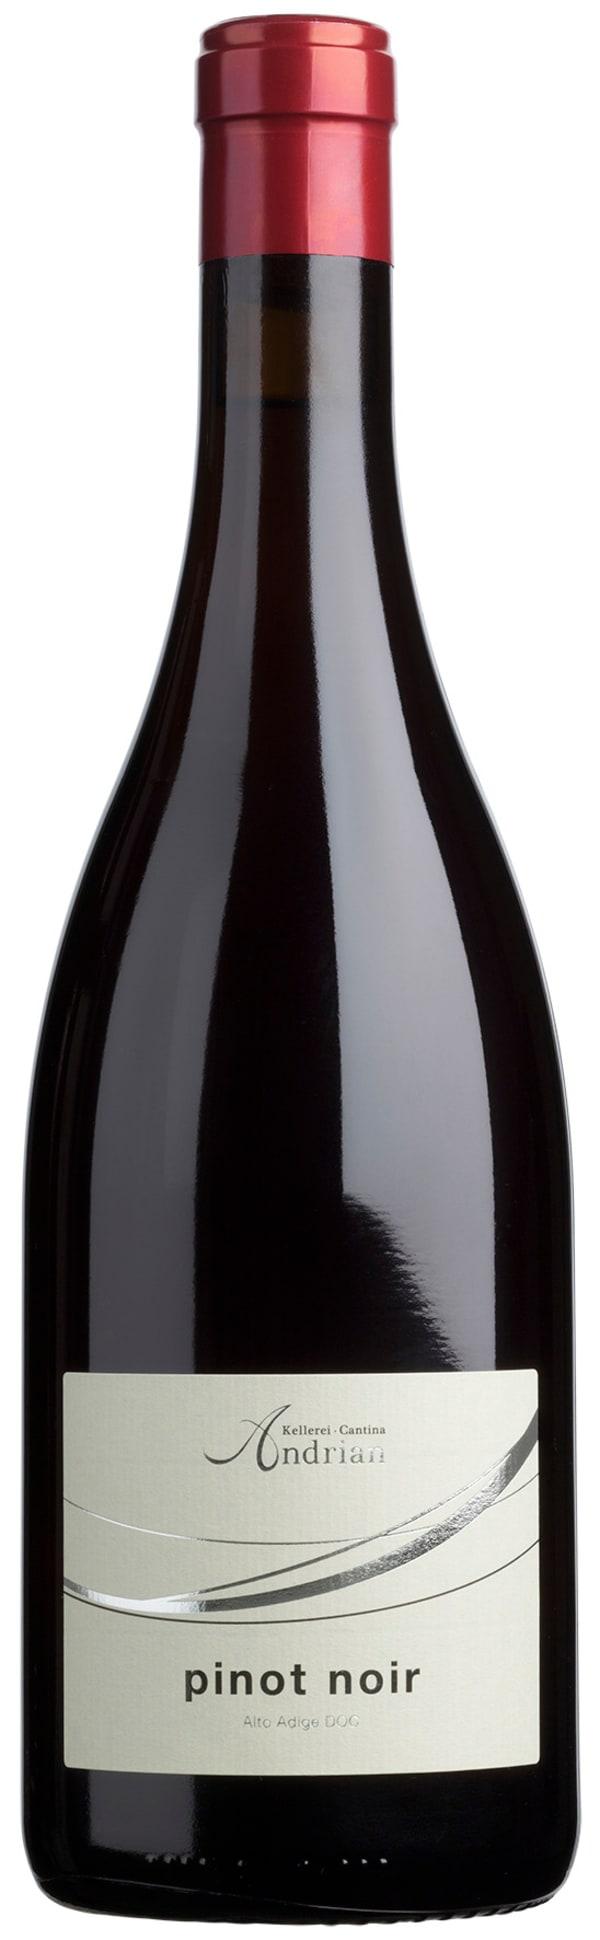 Cantina Andrian Pinot Noir 2019